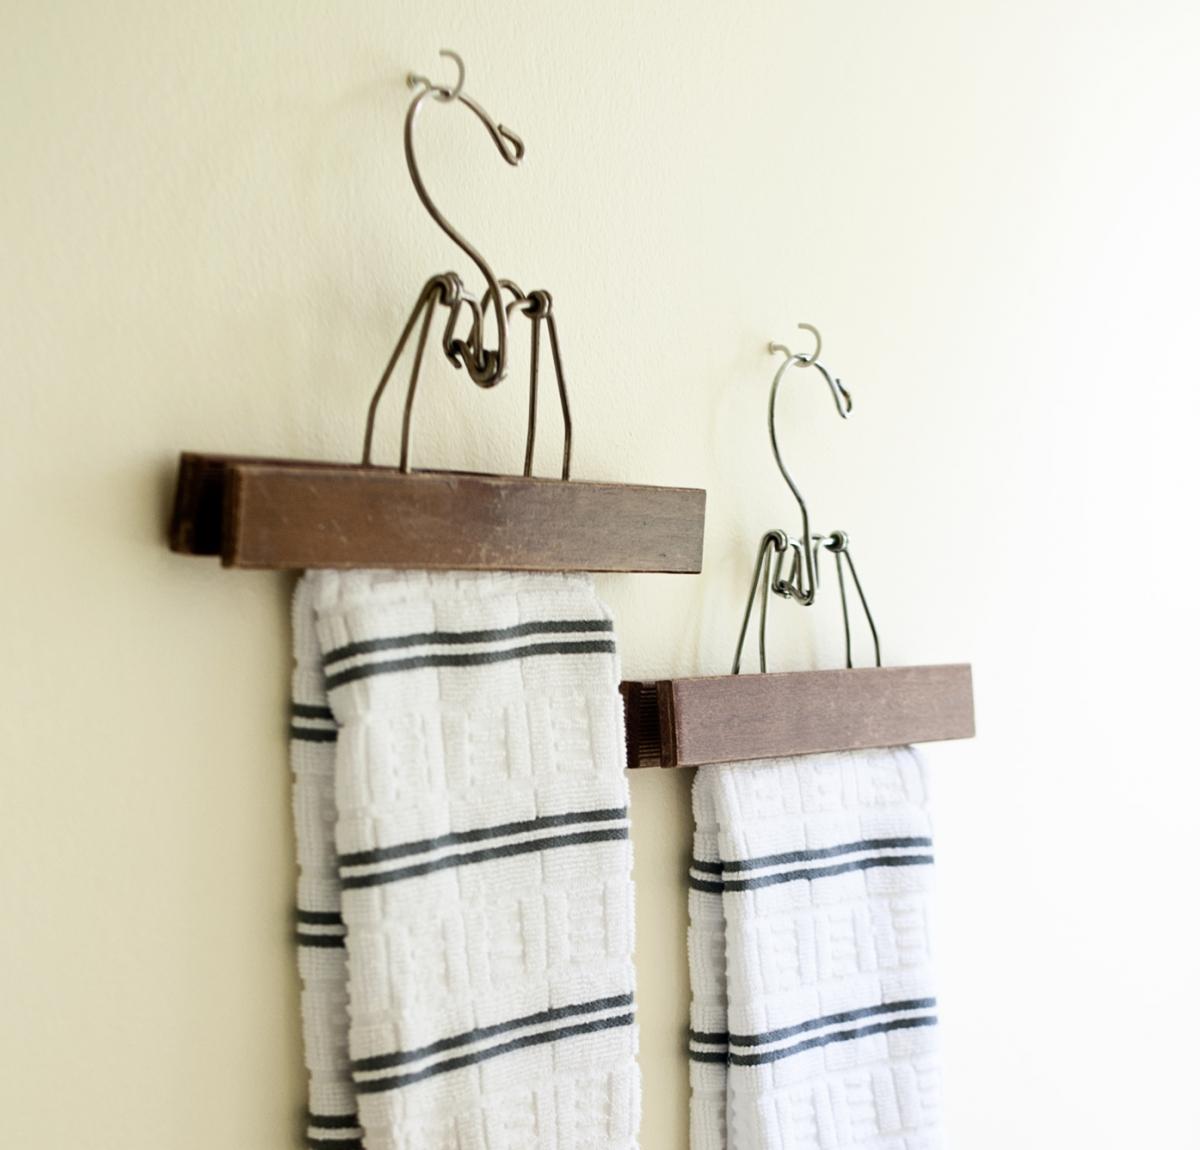 Kilde: Fundet ved at google: Håndklædeholder og Håndklæde ...